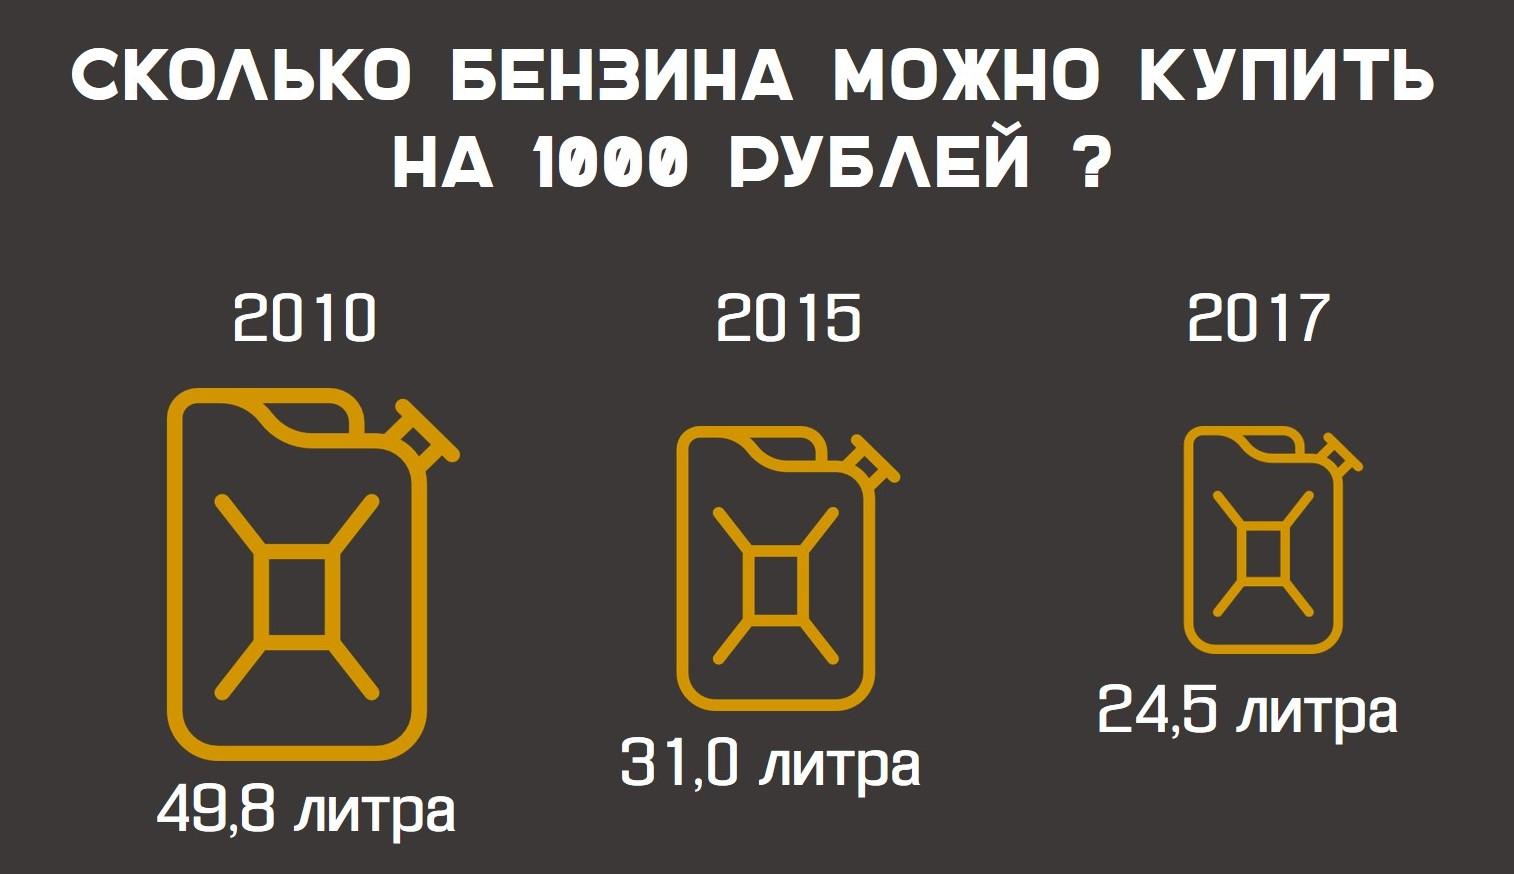 сколько можно купить бензина https://grosh-blog.ru